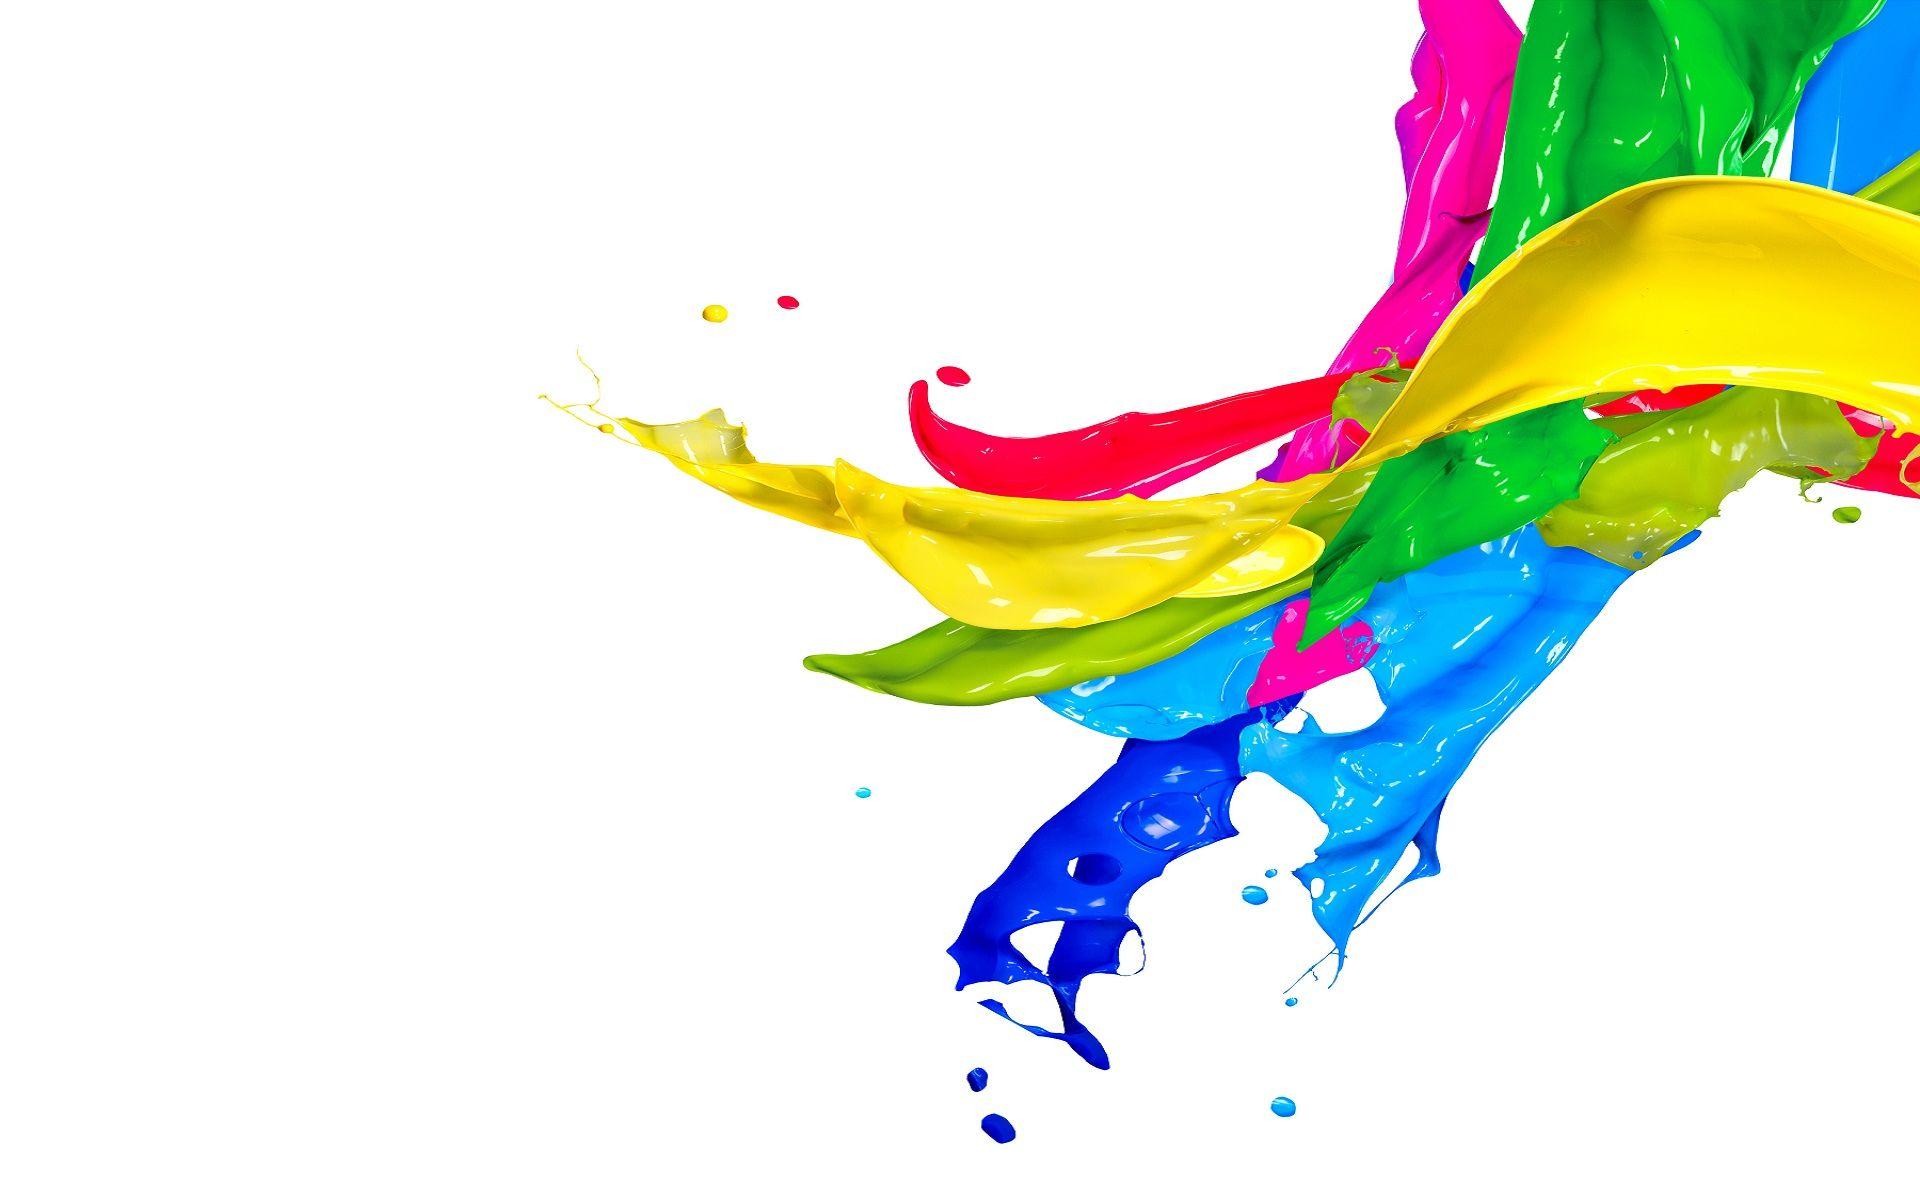 colorful splash wallpaper 46216 | Art | Pinterest